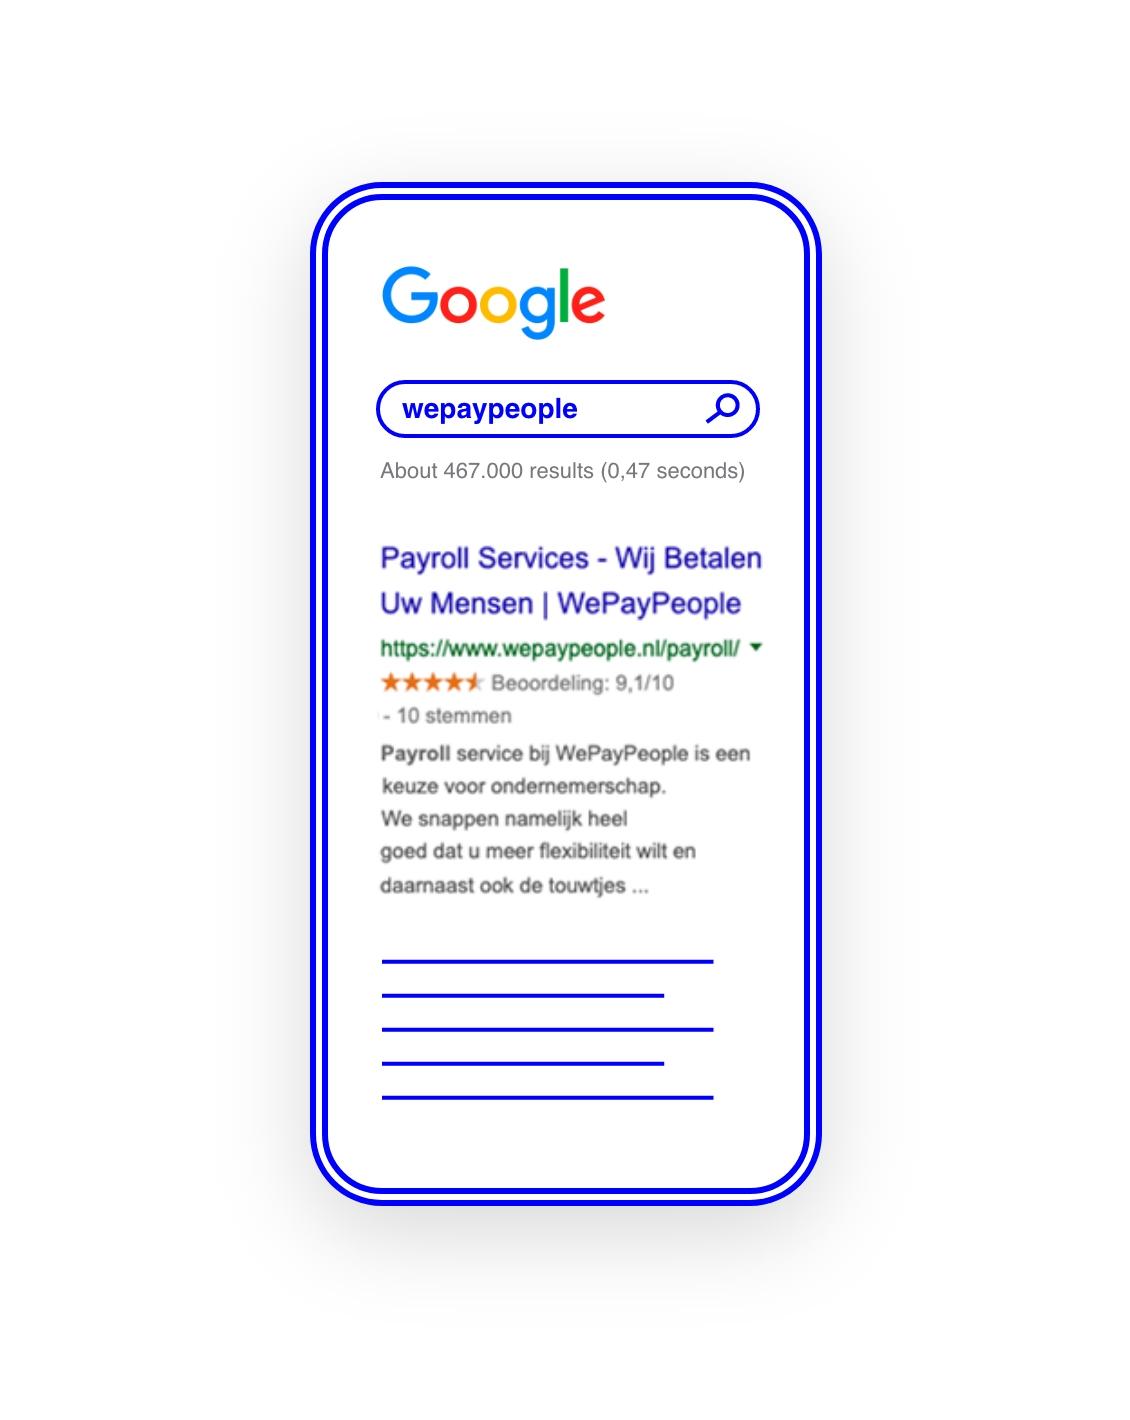 WePayPeople in Google